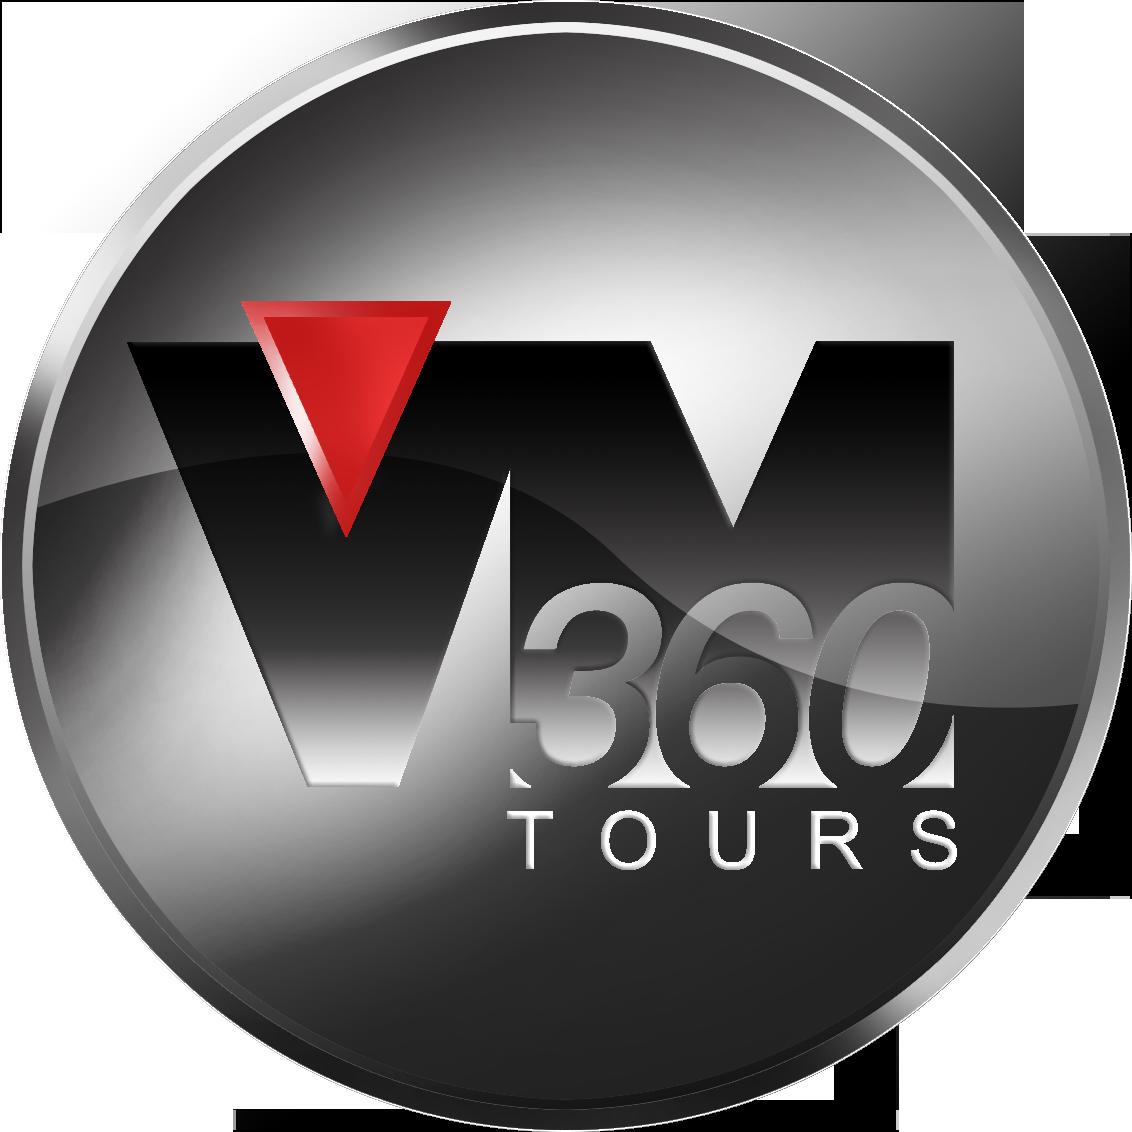 VM360 TOURS